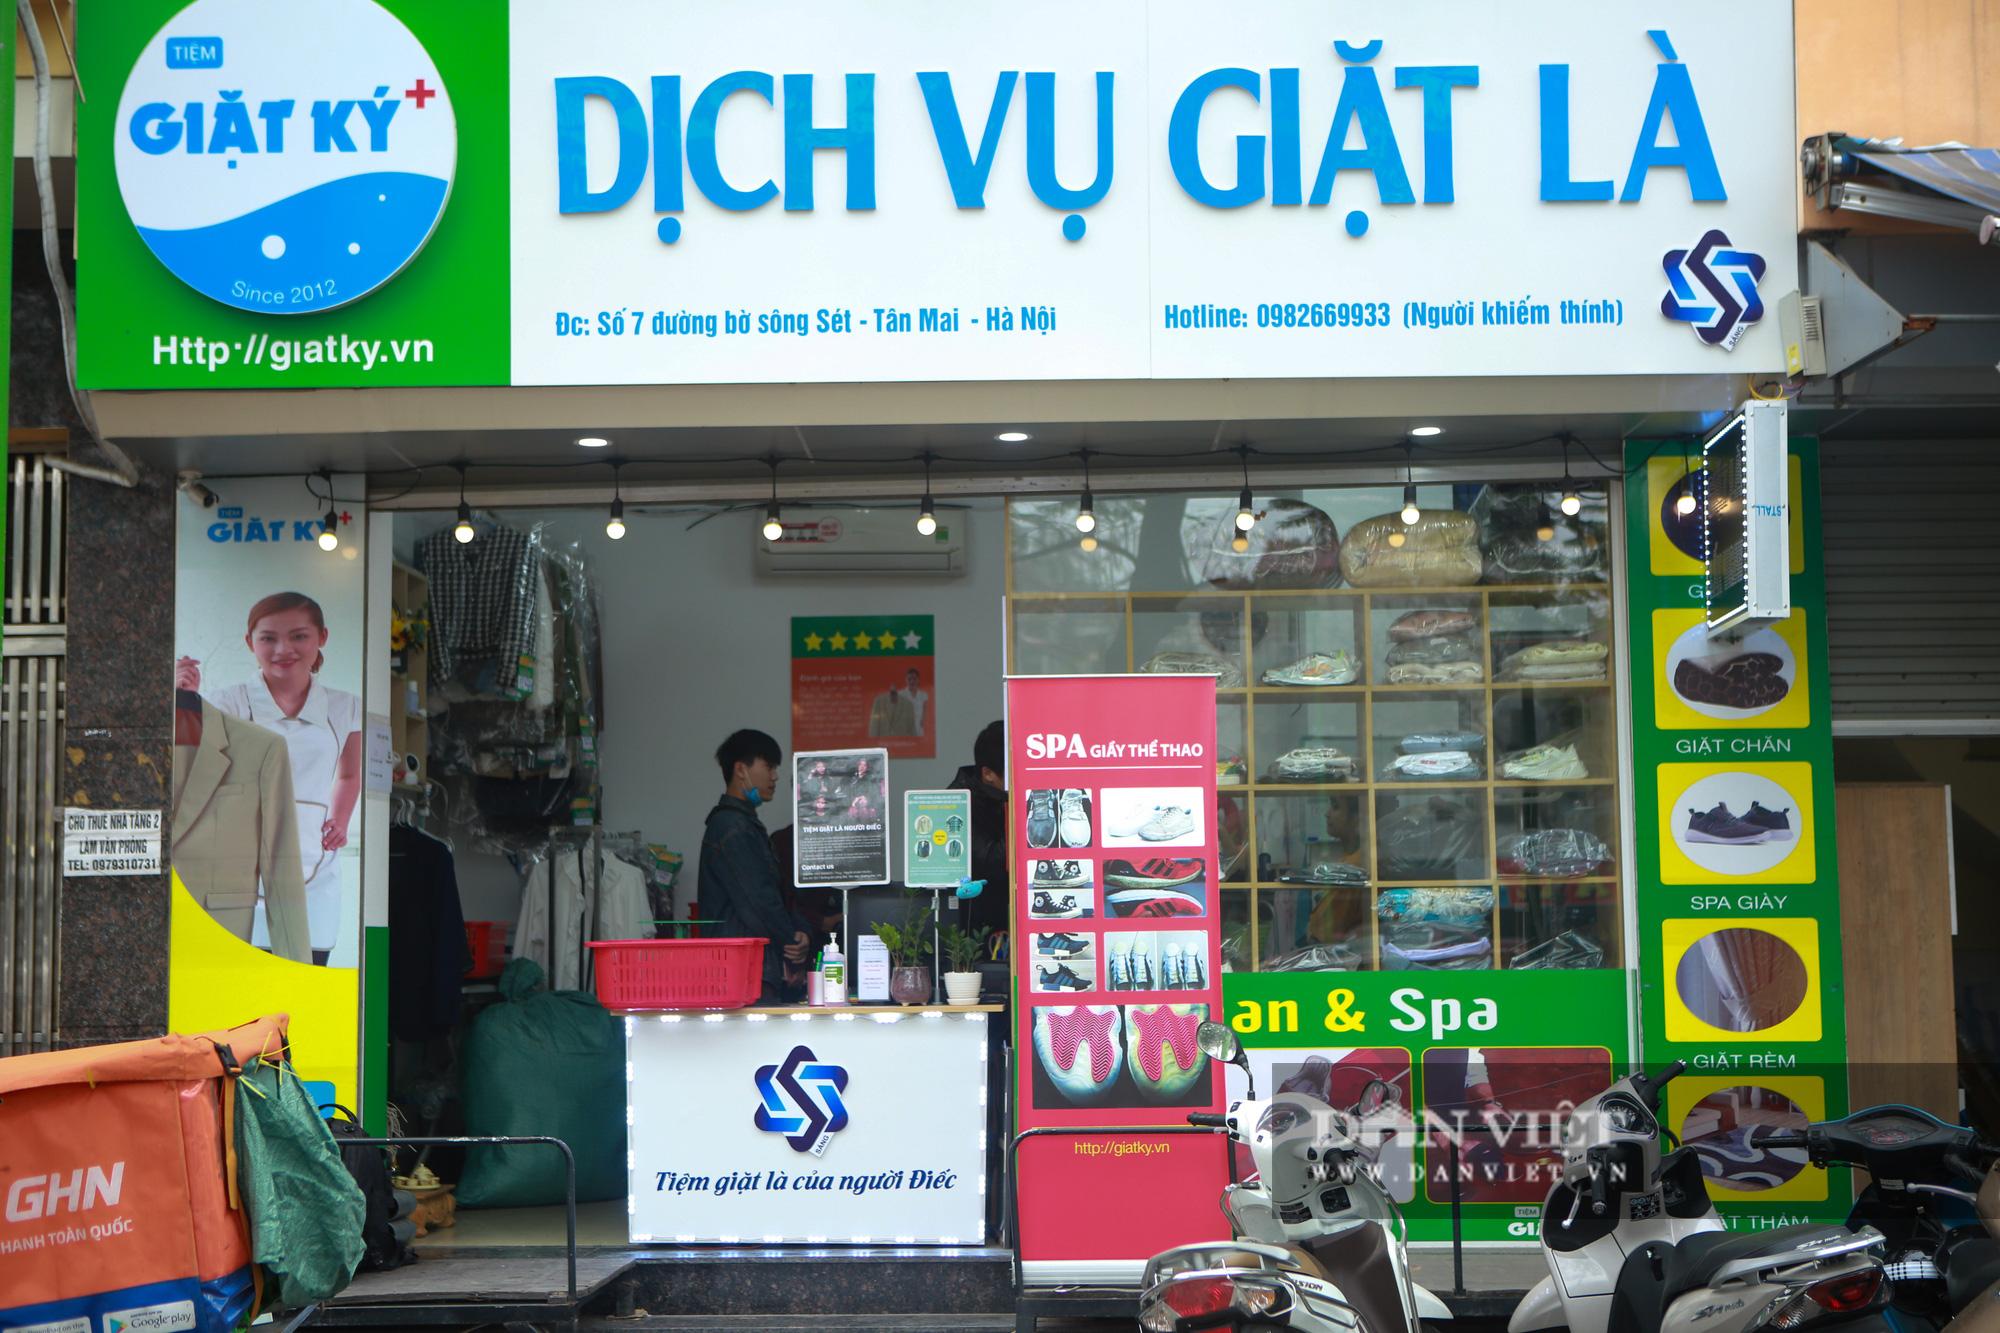 Tiệm giặt là không tiếng nói của những cô gái xinh đẹp tại Hà Nội - Ảnh 1.